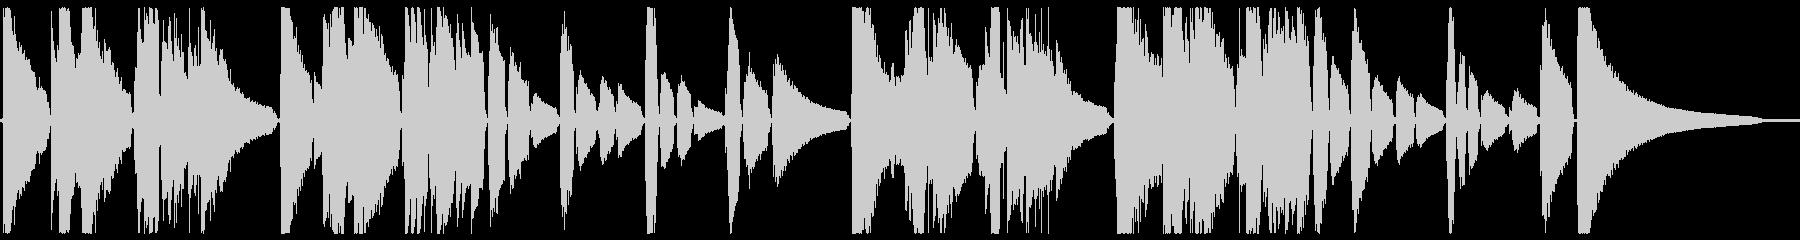 現代音楽風なギター小作品の未再生の波形